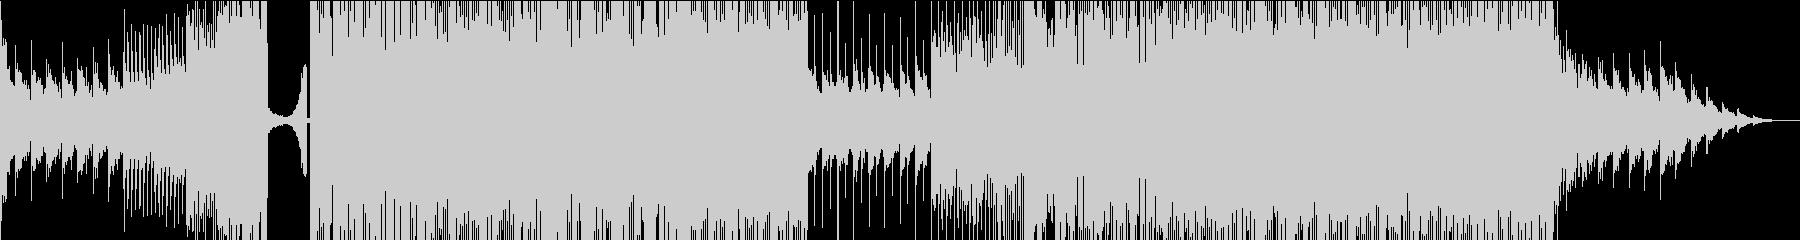 エッジの効いたワブルベースのダブステップの未再生の波形